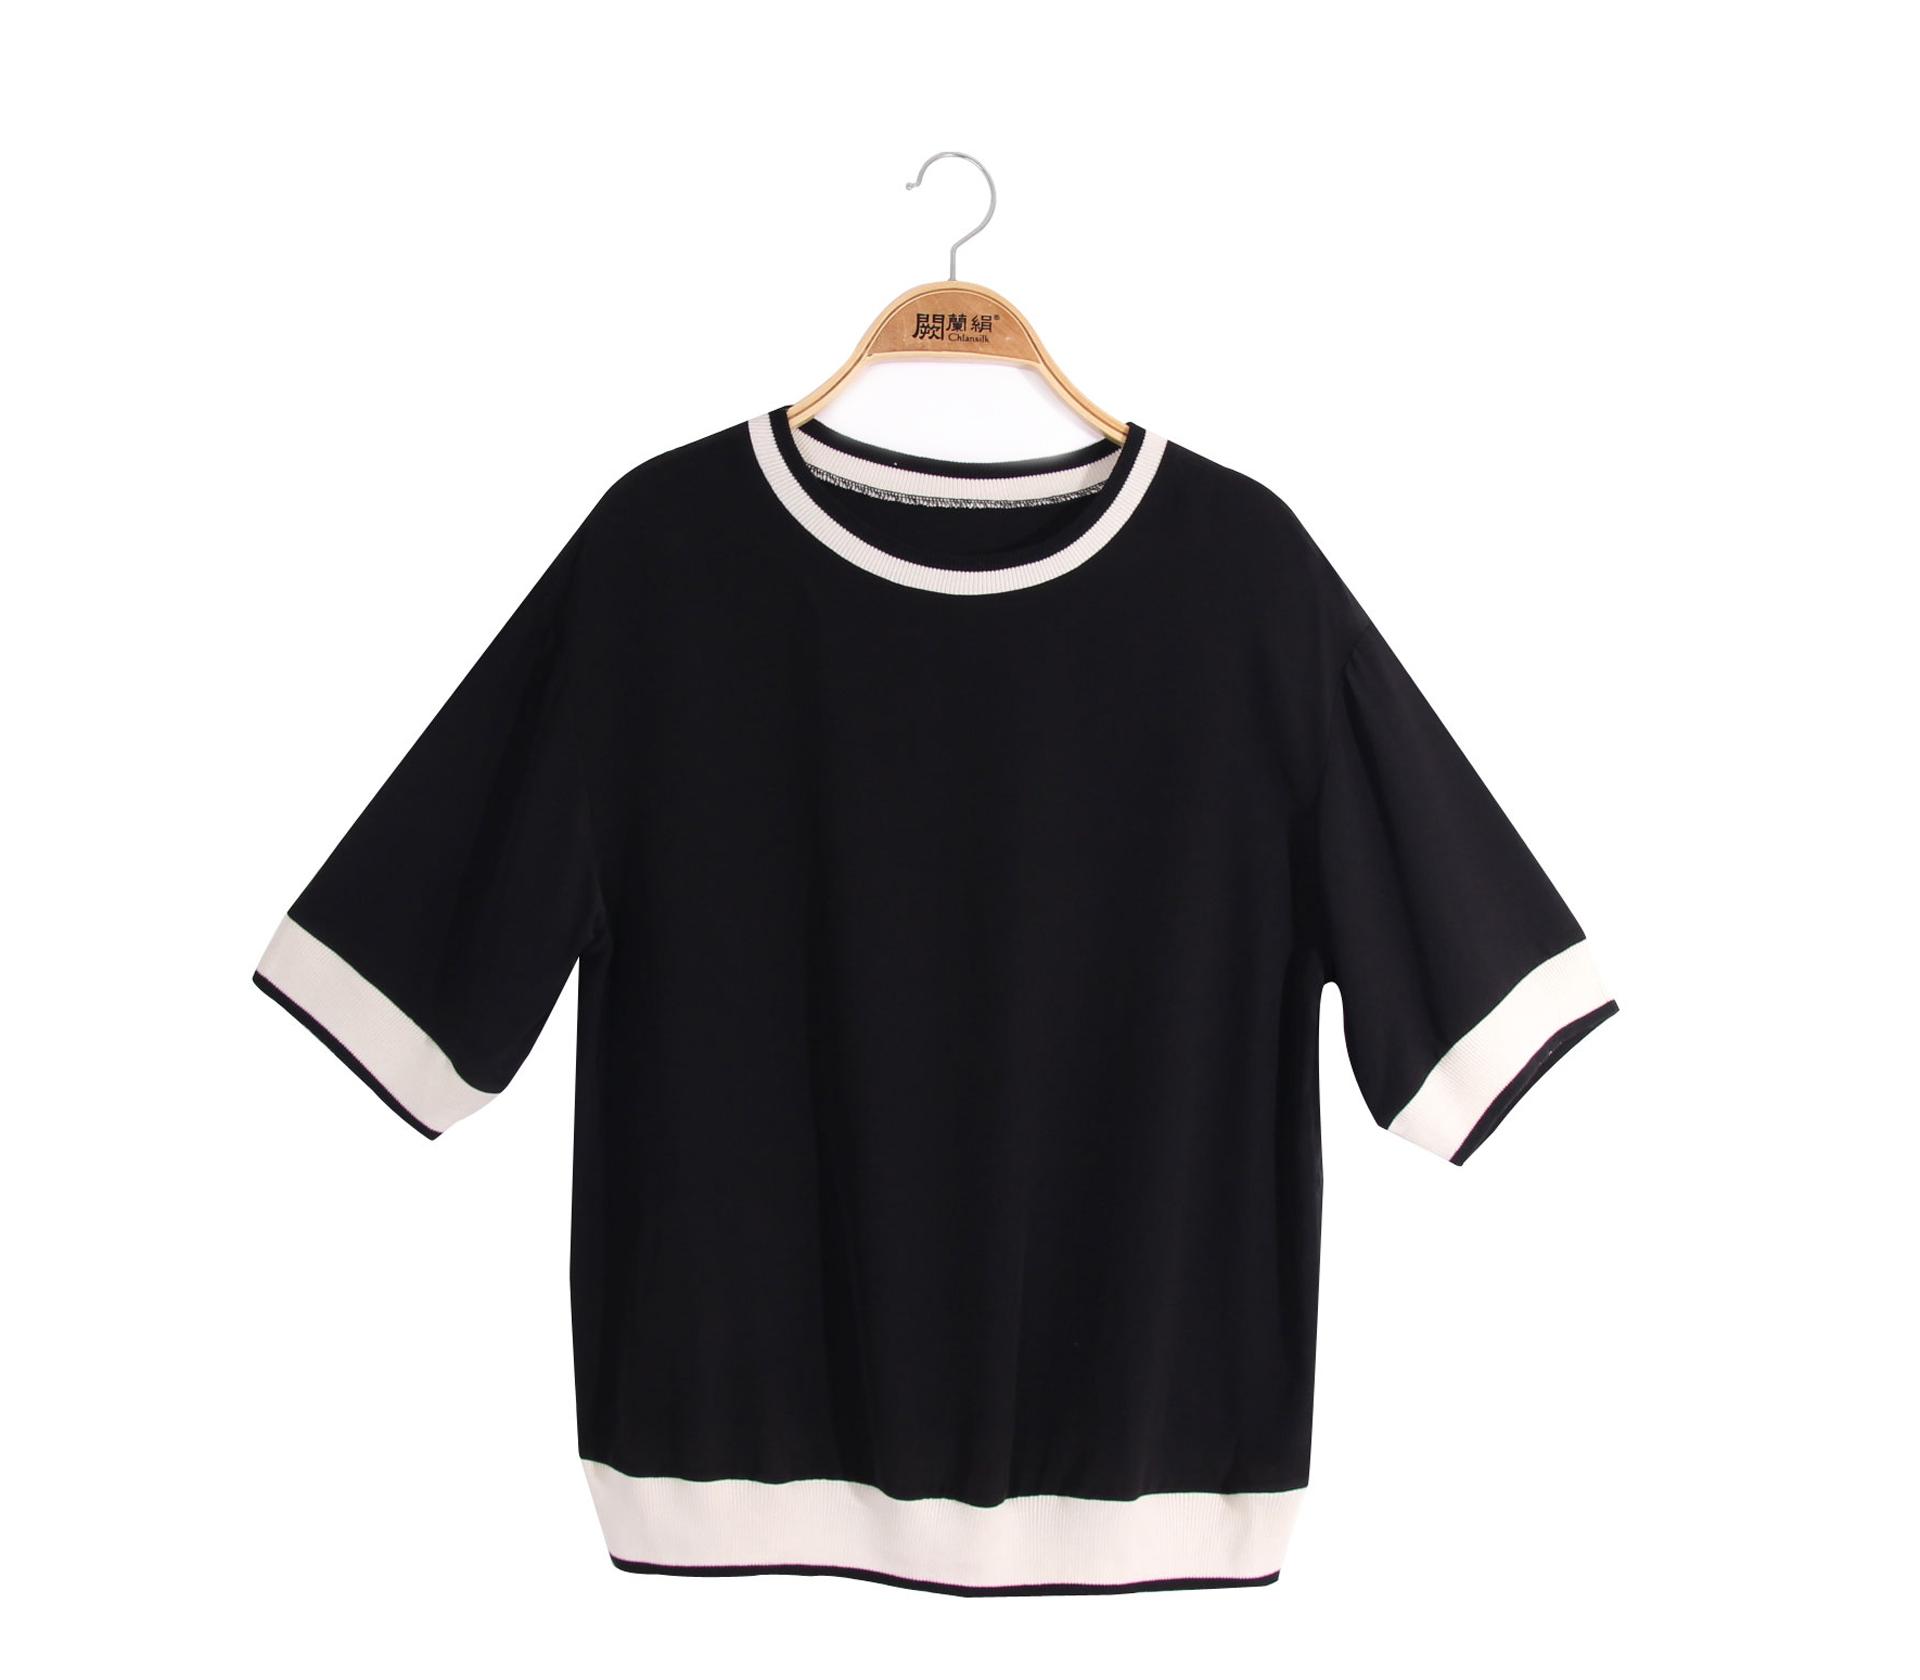 闕蘭絹素面滾白邊100%蠶絲上衣 - 黑色 - 6621